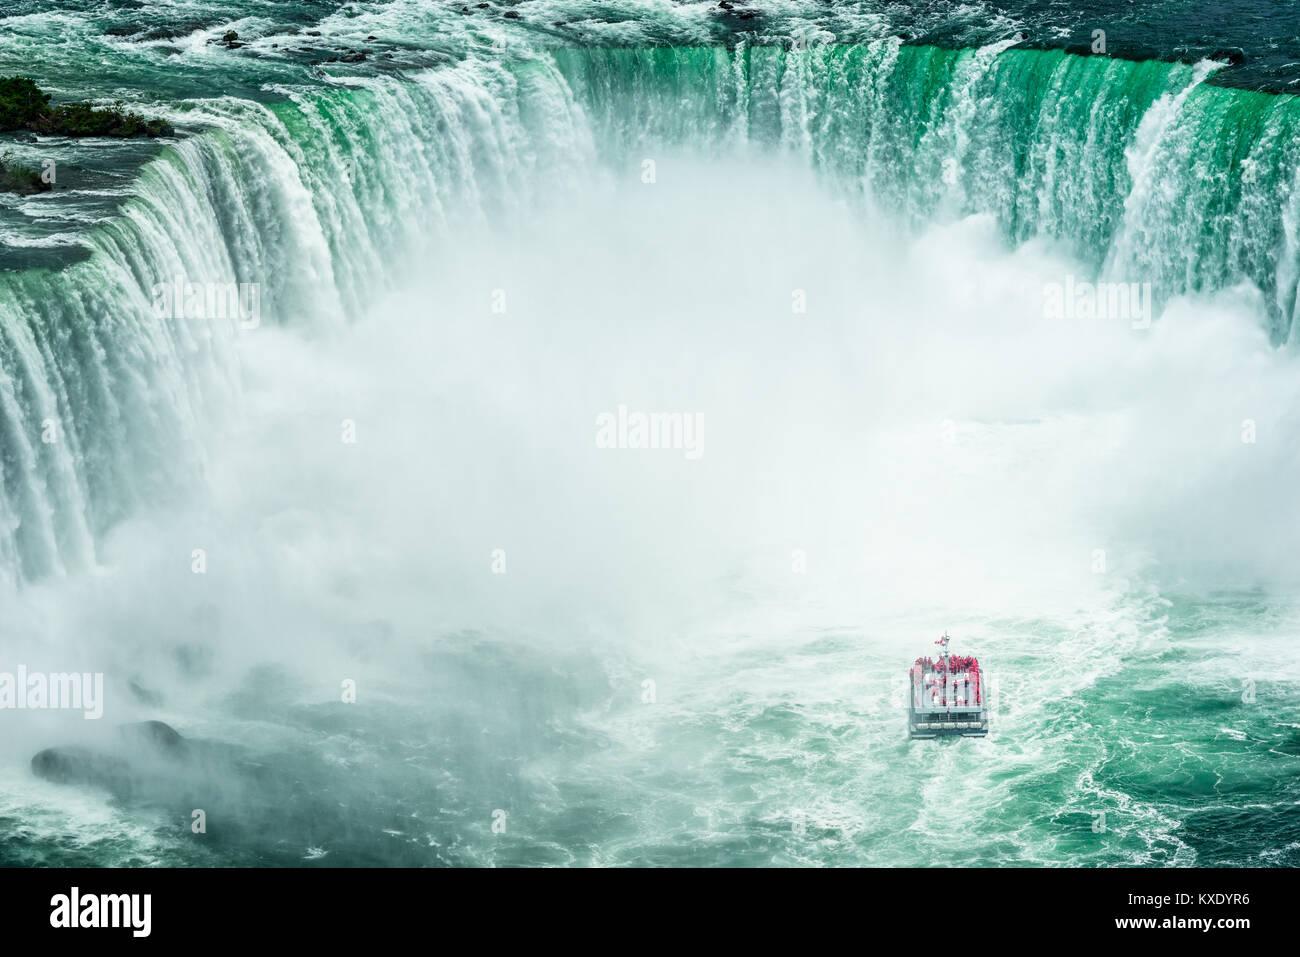 Hohe Betrachtungswinkel auf Fahrgastschiffen, die Niagara Fälle von der kanadischen Seite aus gesehen Stockbild